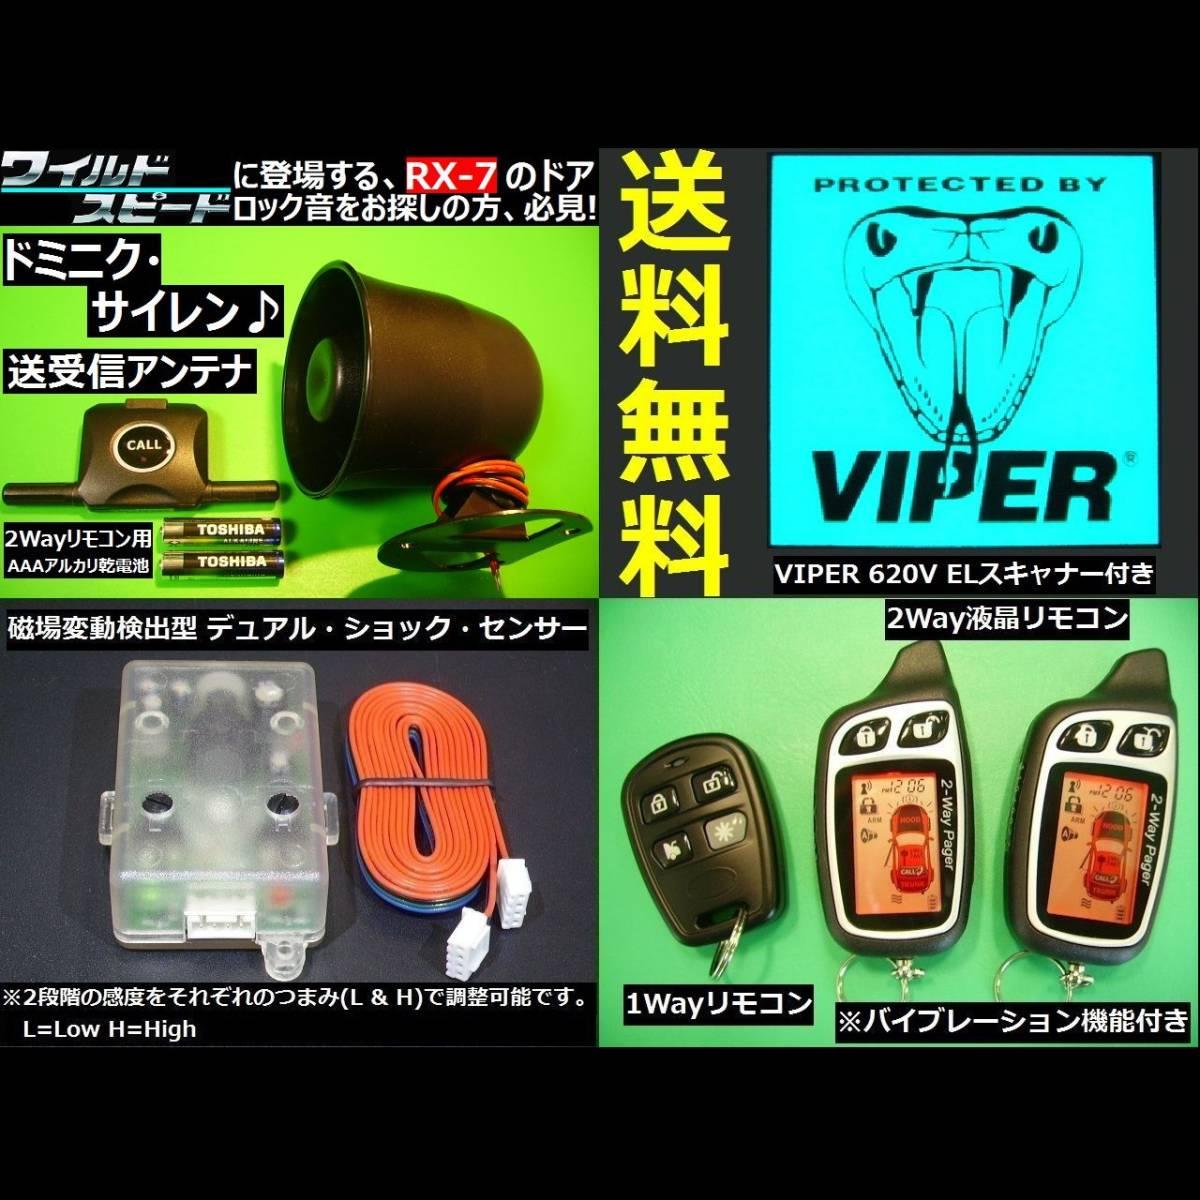 ランドクルーザー100 シグナス ランクル HDJ101K UZJ100W 配線情報★エンスタ セキュリティ キーレス バイパー(VIPER)620Vスキャナー